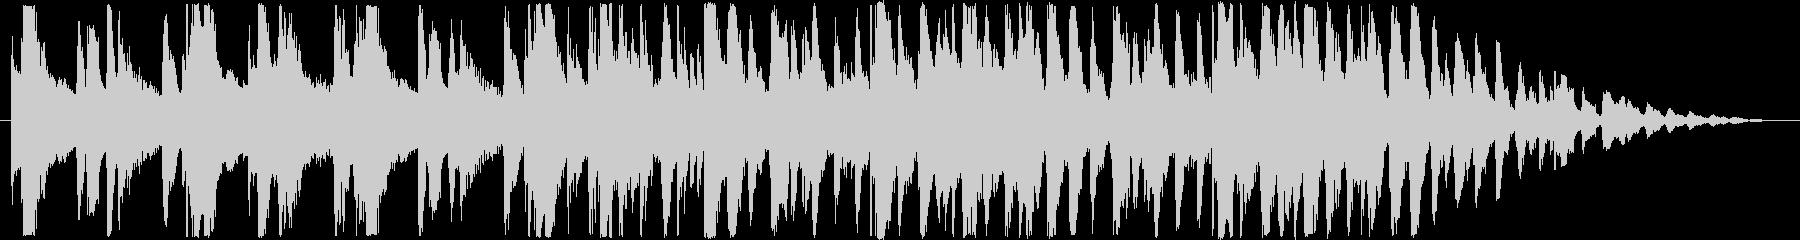 ノスタルジックな雰囲気の30秒JAZZの未再生の波形